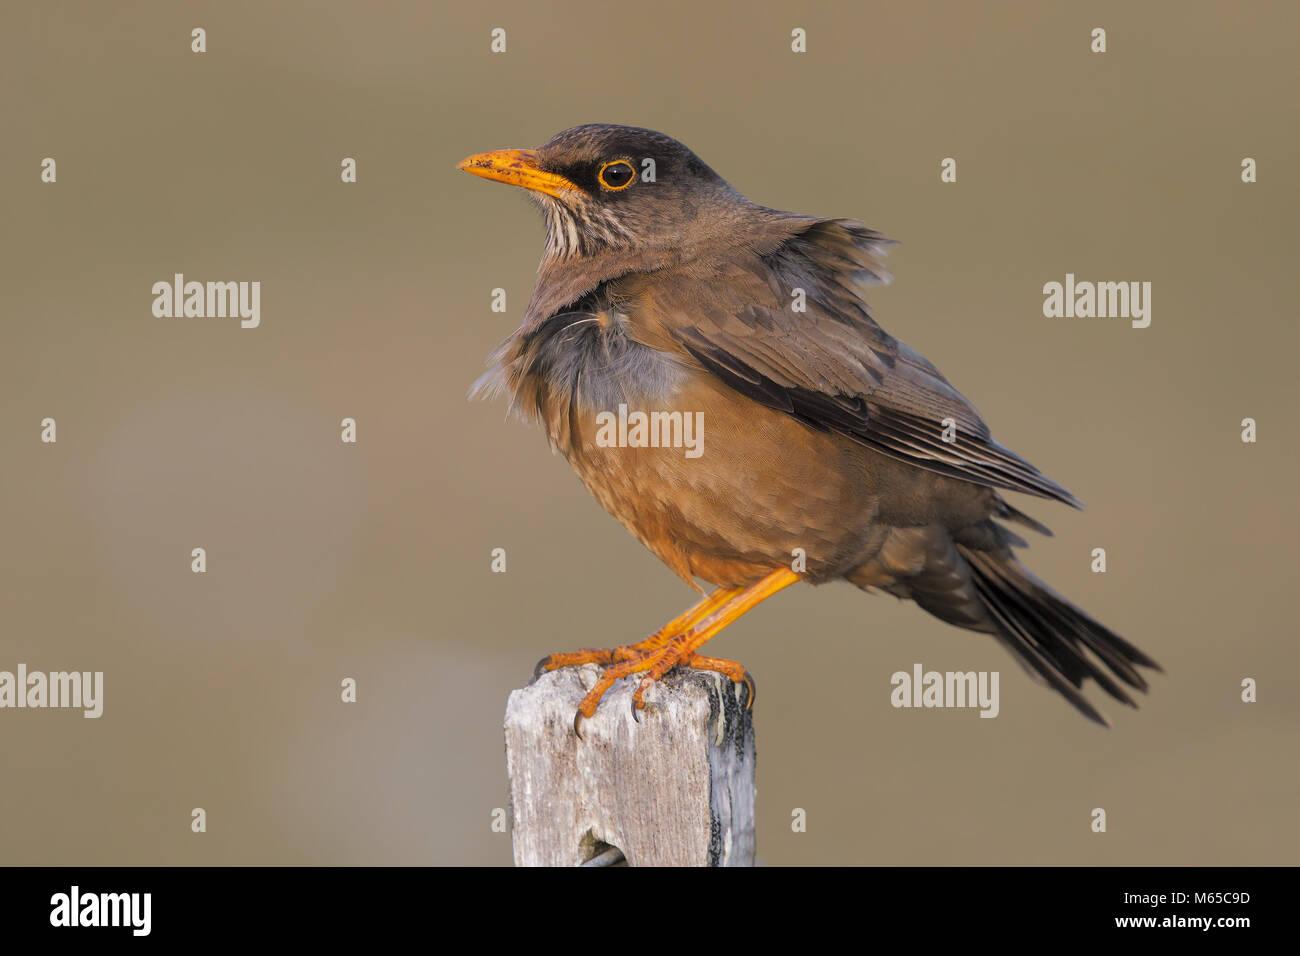 Austral thrush - Stock Image